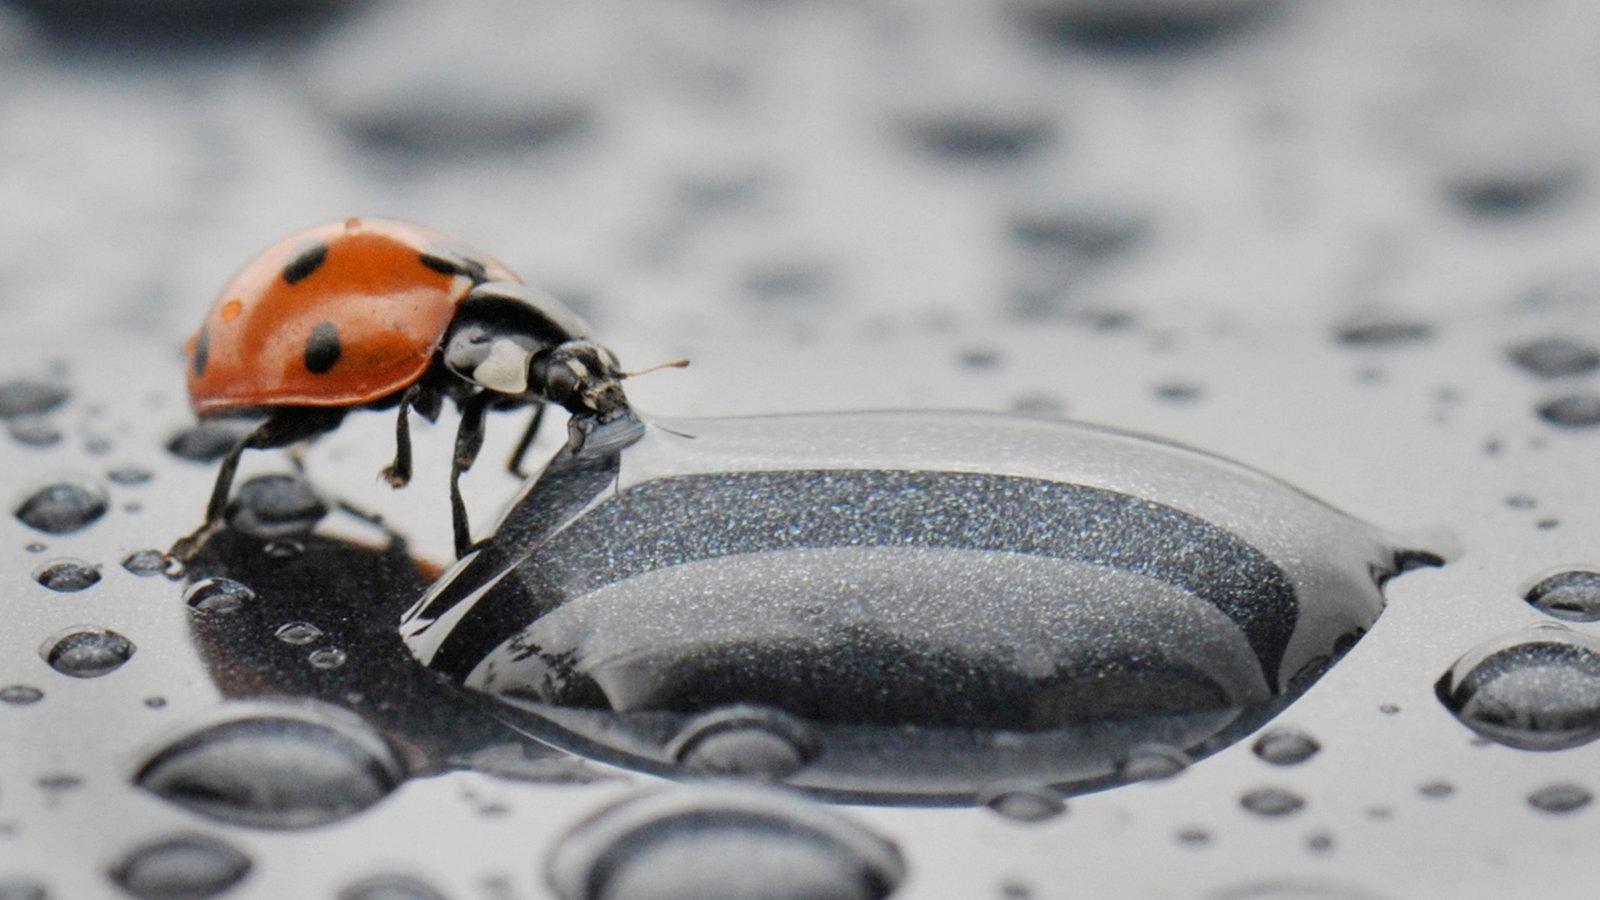 k fer n tzlinge und sch dlinge k fer insekten und spinnentiere natur planet wissen. Black Bedroom Furniture Sets. Home Design Ideas